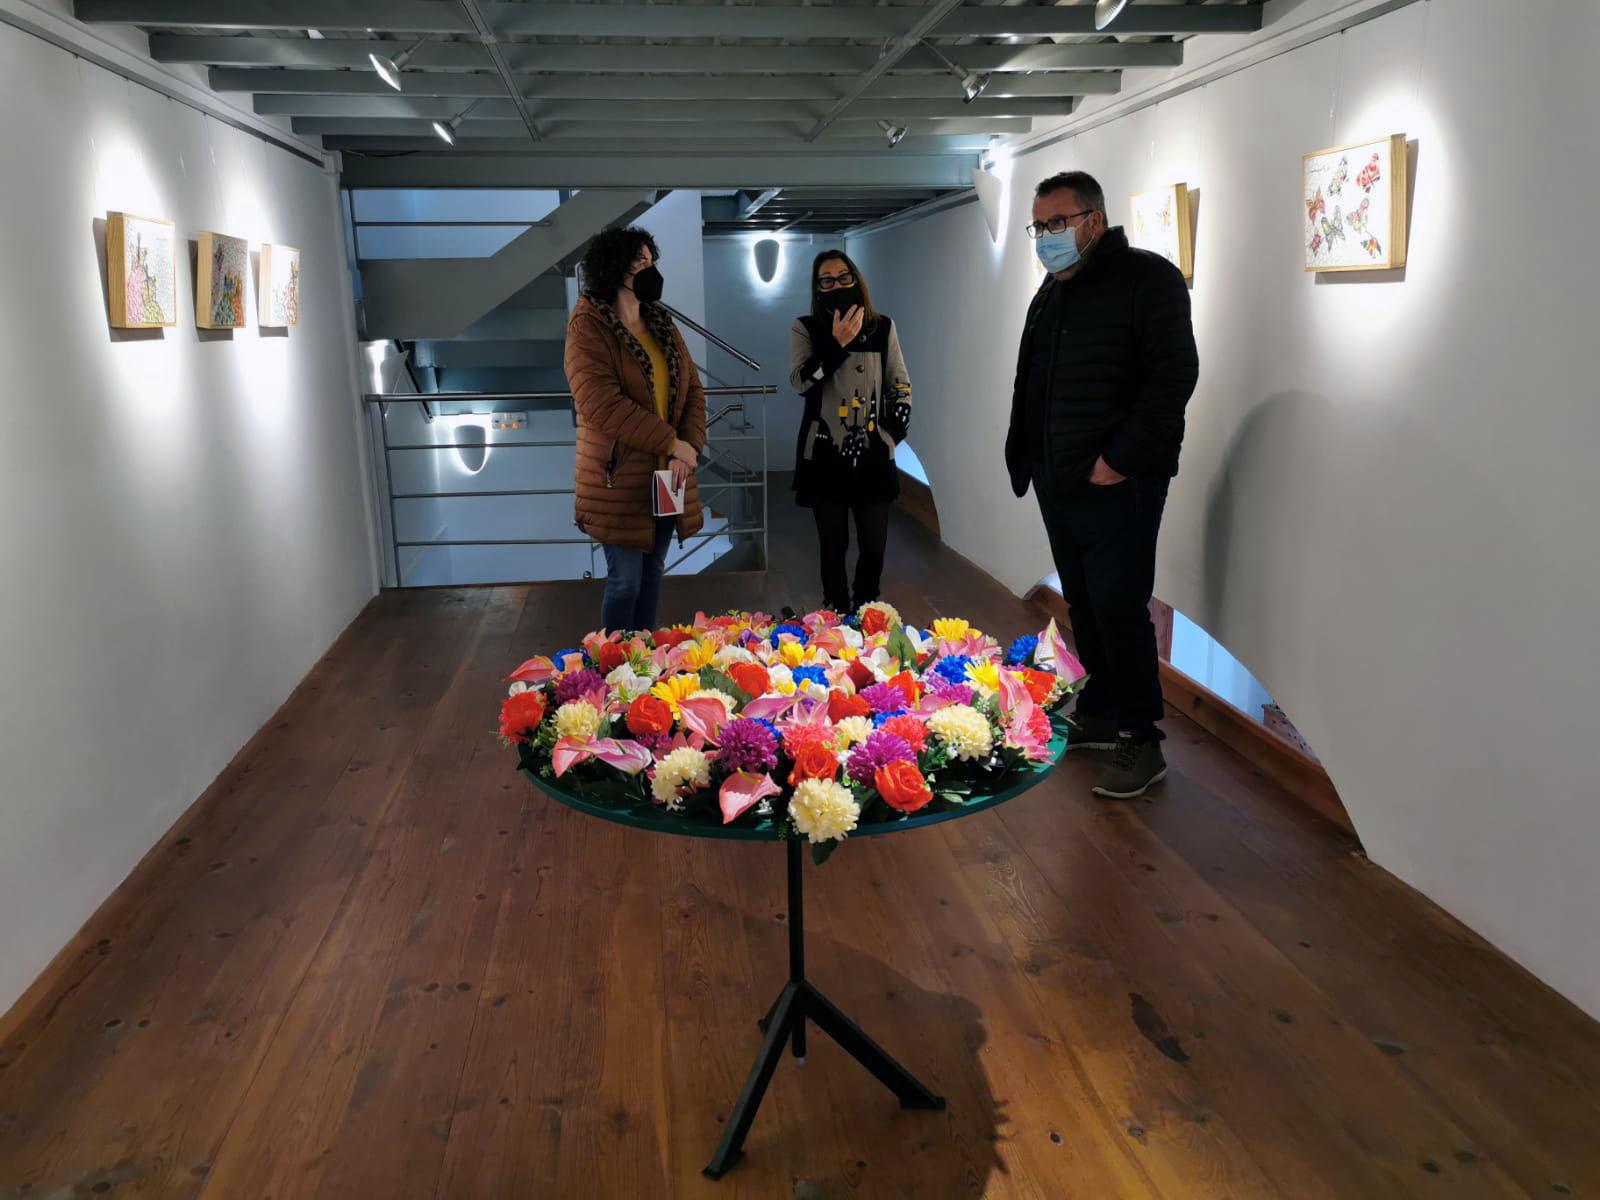 Almenara convertirá El molí d'Arròs en un centro de referencia del arte contemporáneo